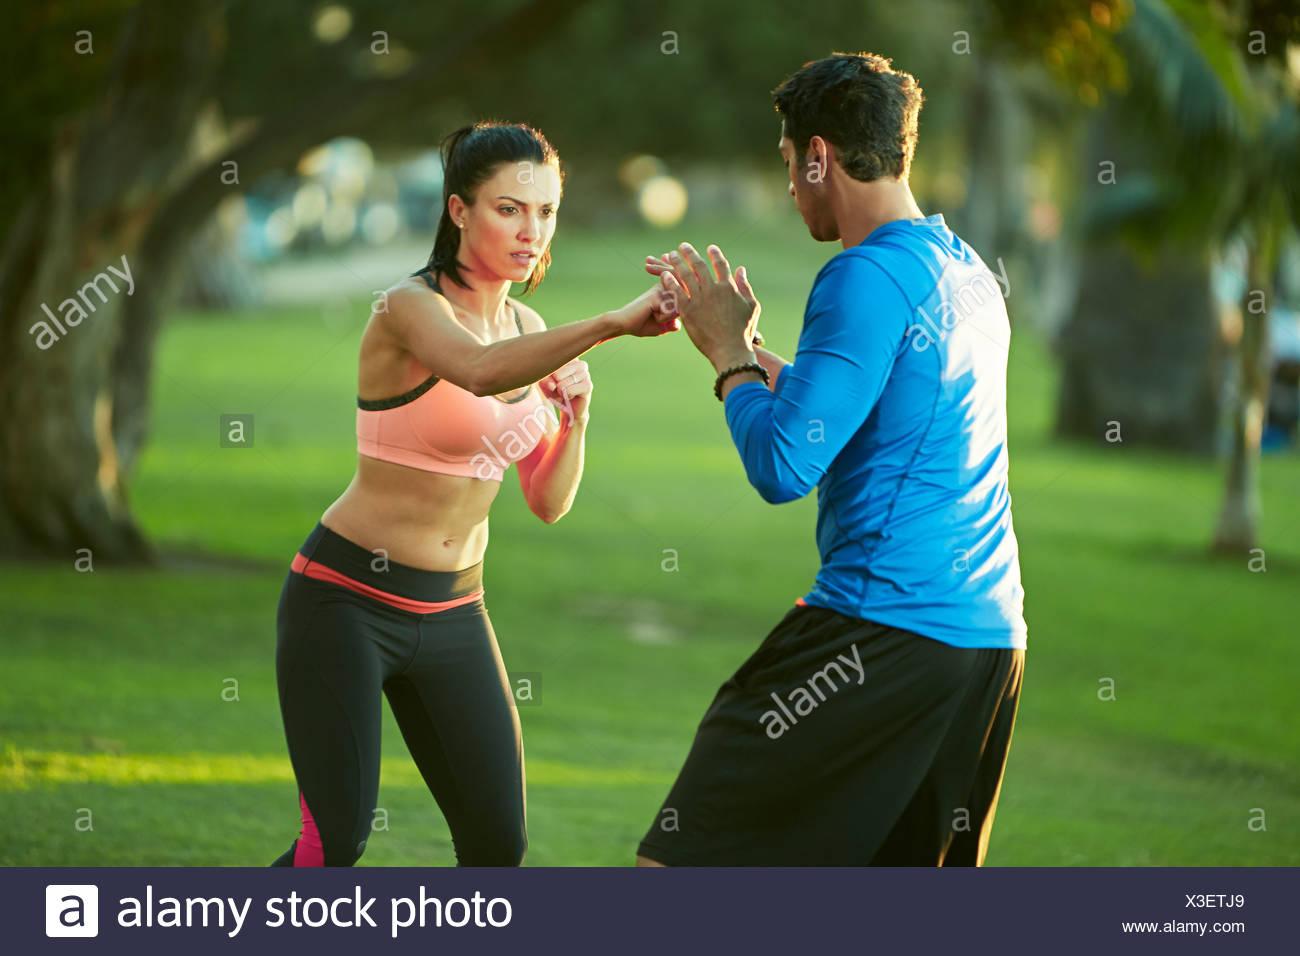 Mann und Frau im Park Boxen Stockbild